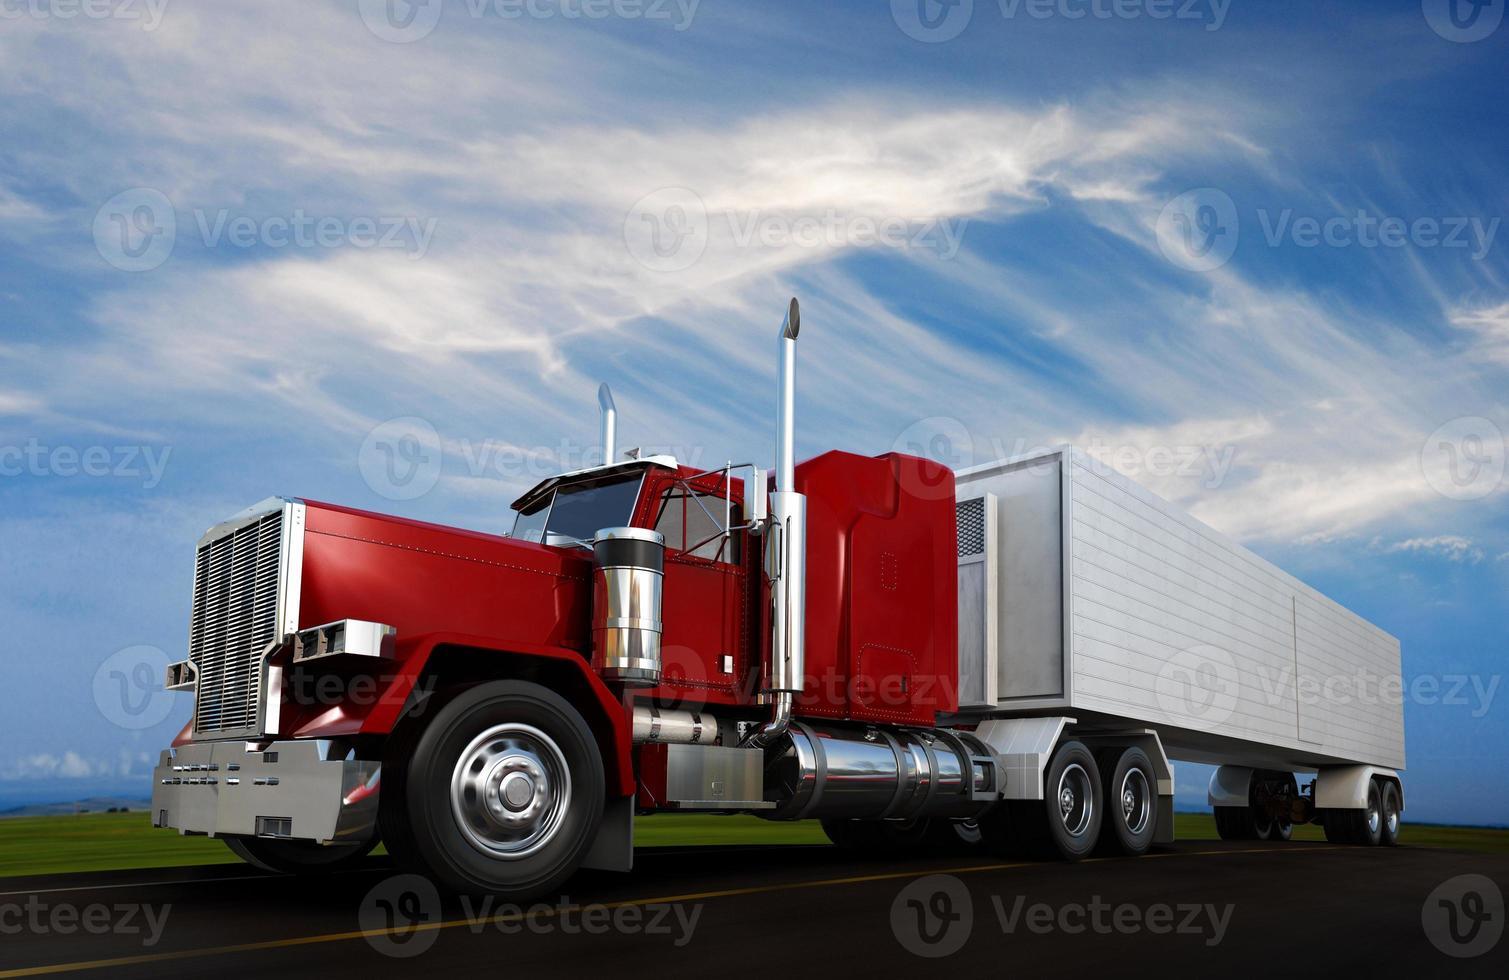 grande veículo com rodas 18 foto